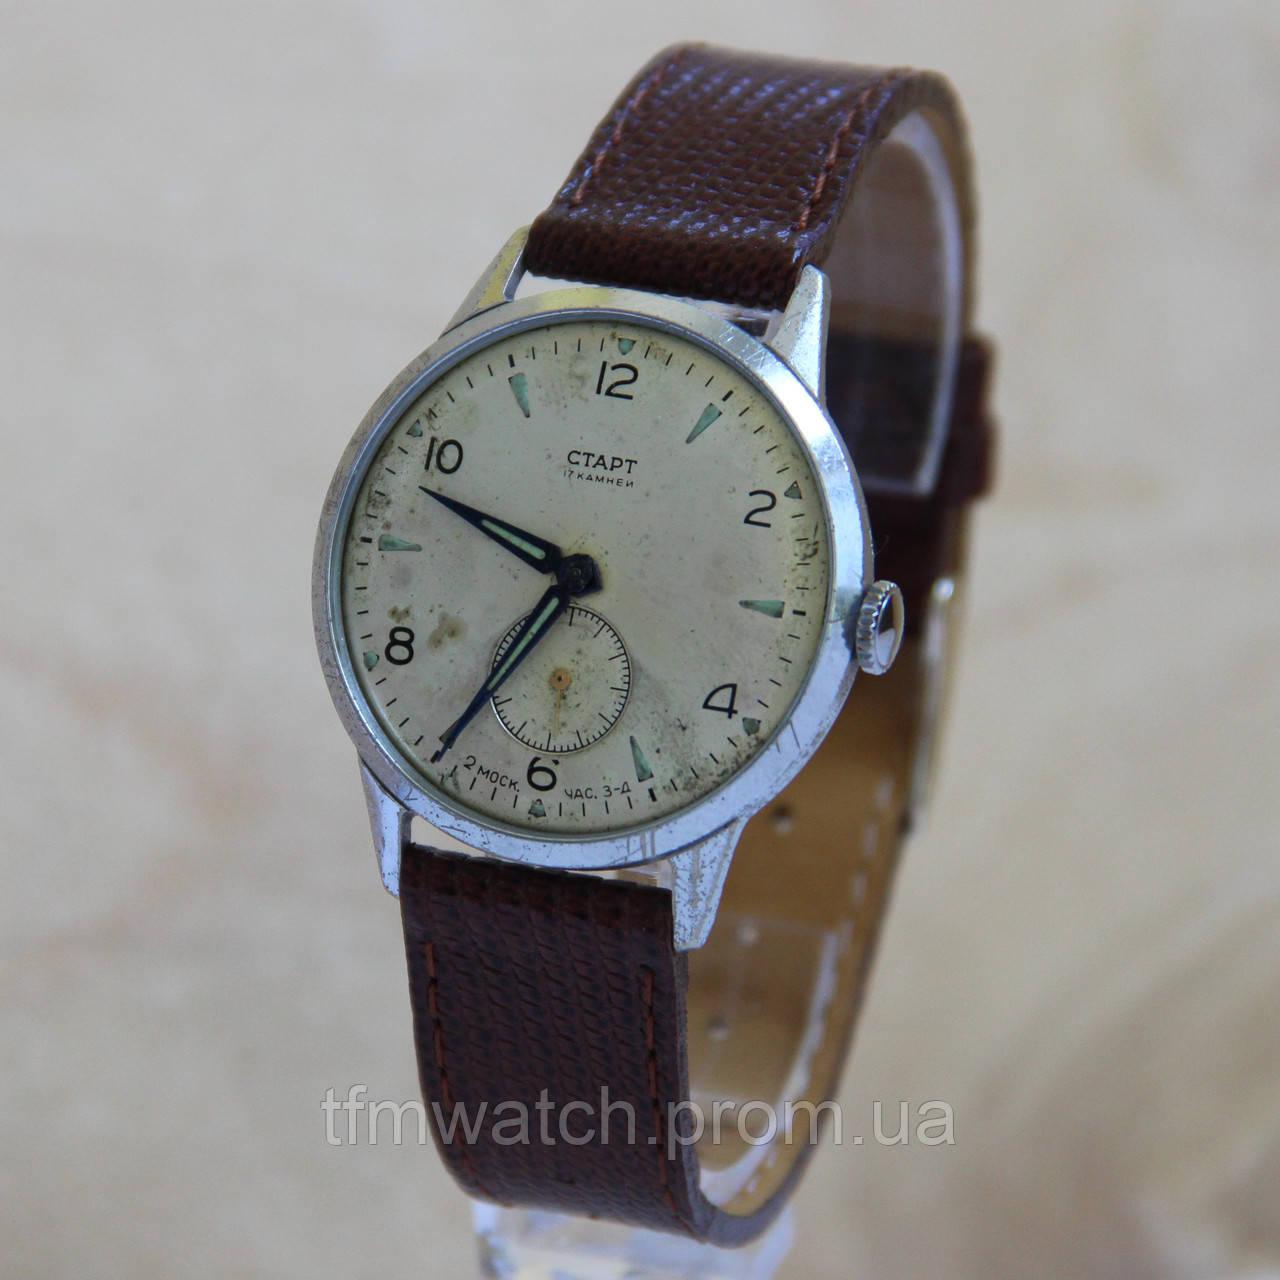 Ссср продать часы спб vuitton оригинал часов ломбард louis